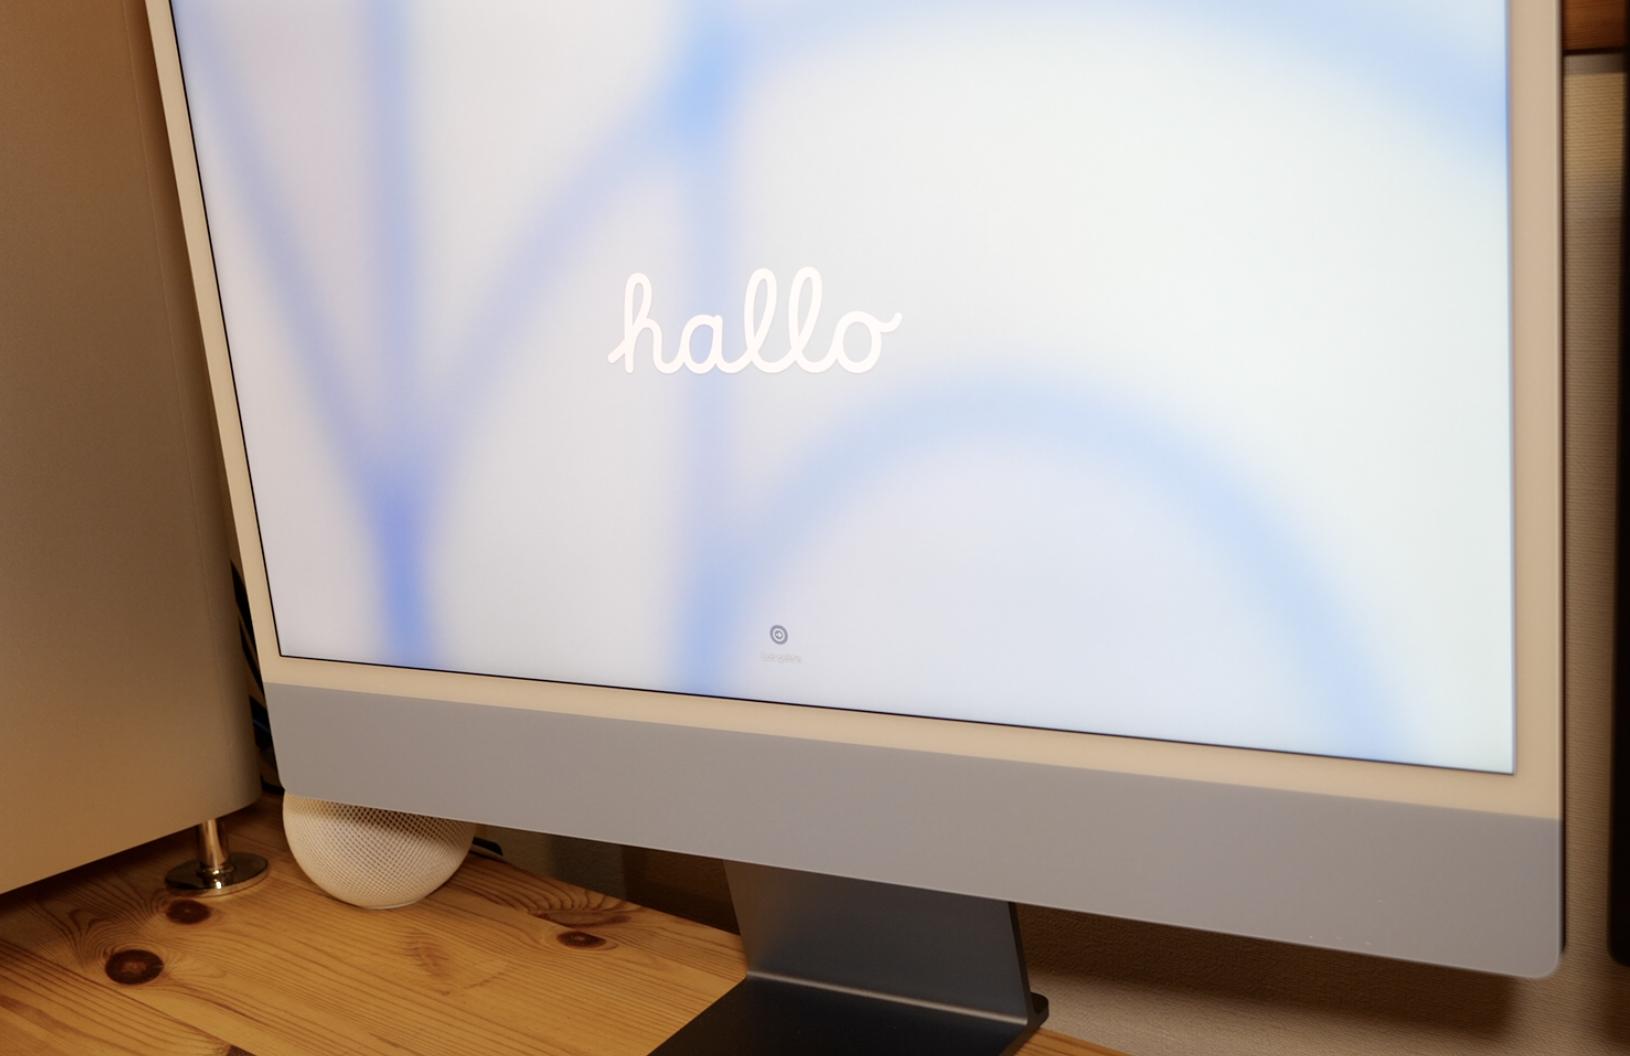 セットアップ画面のhallo(ドイツ語など)